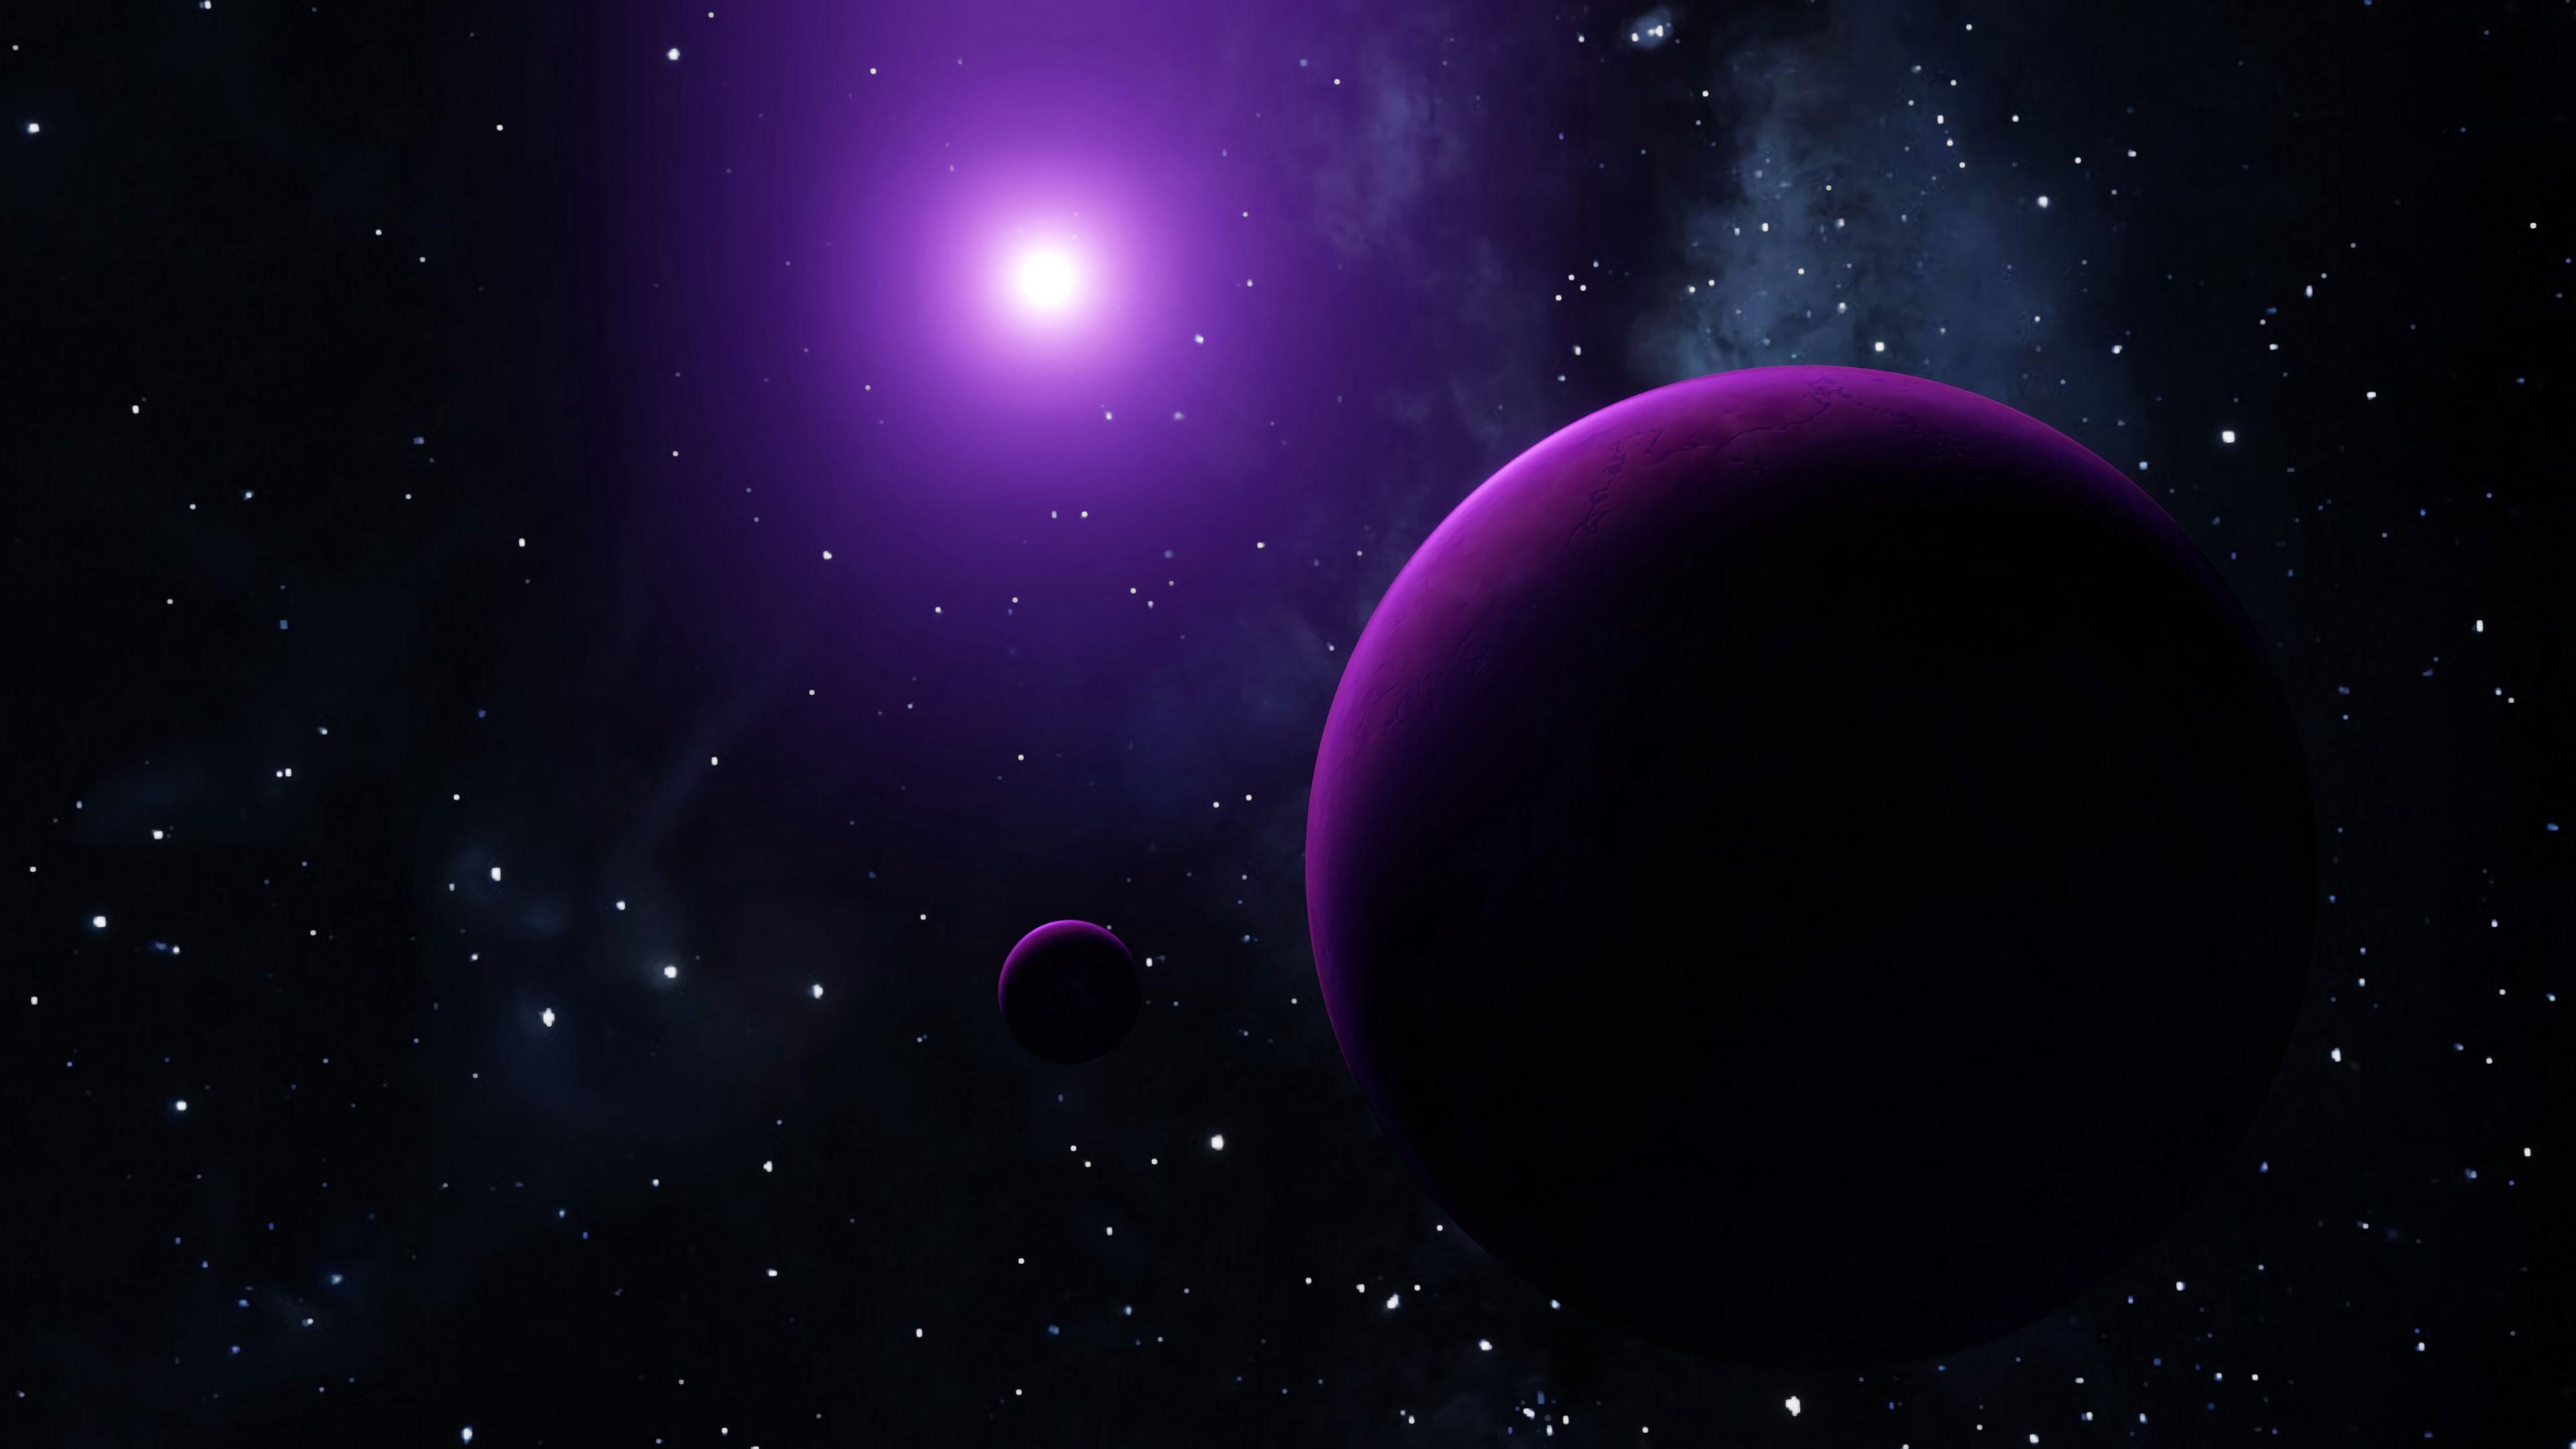 93063 скачать обои Космос, Свечение, Планеты, Звезды - заставки и картинки бесплатно